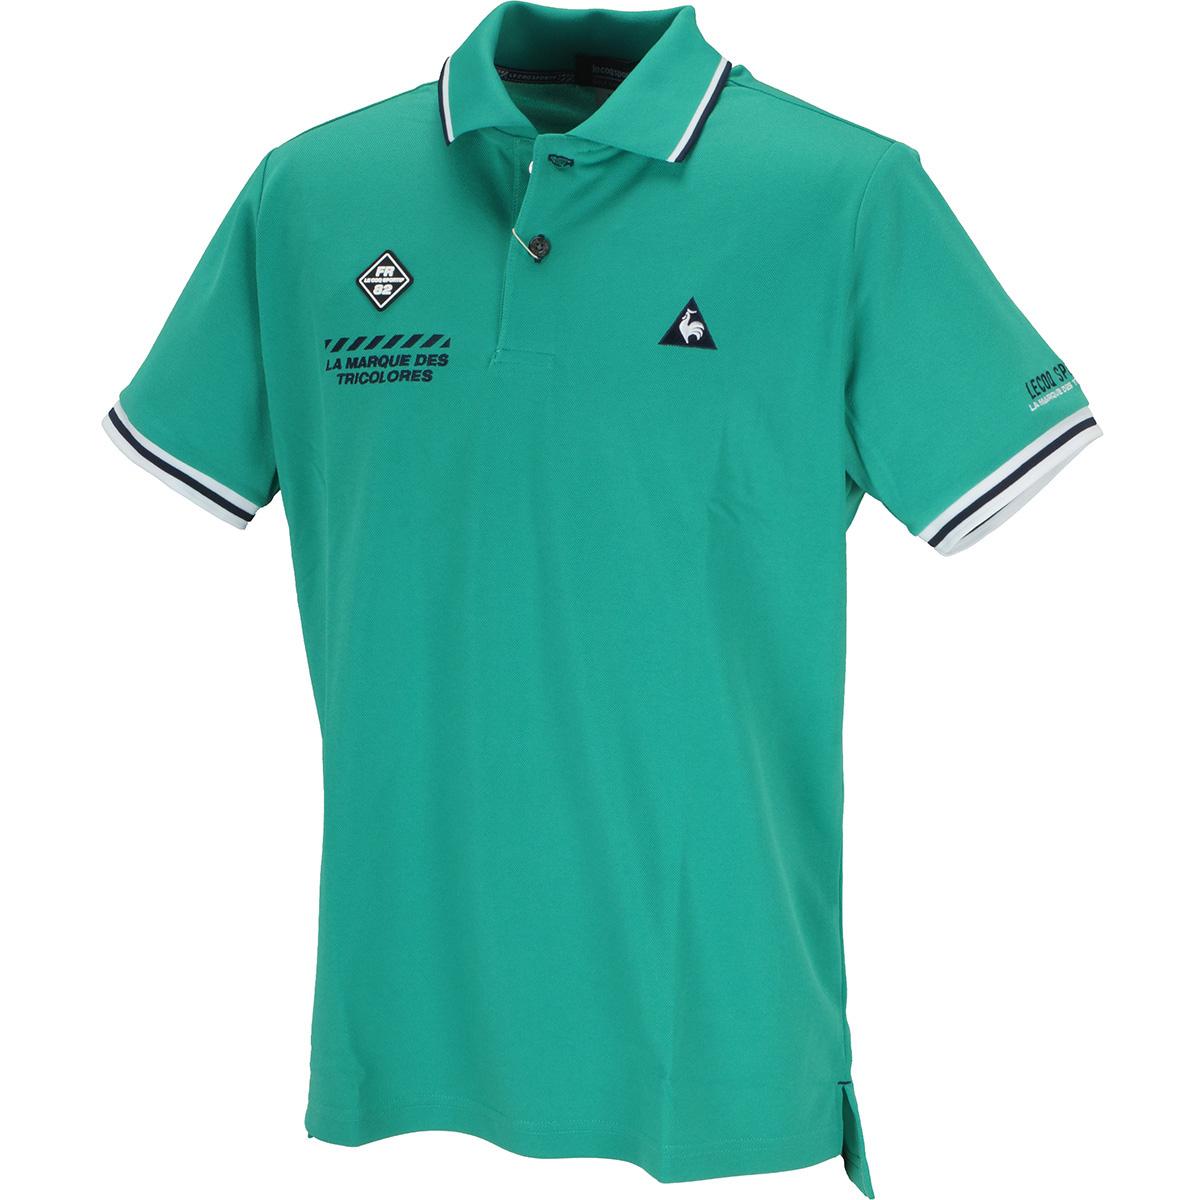 トップ鹿の子 アイコンマーキング半袖ポロシャツ